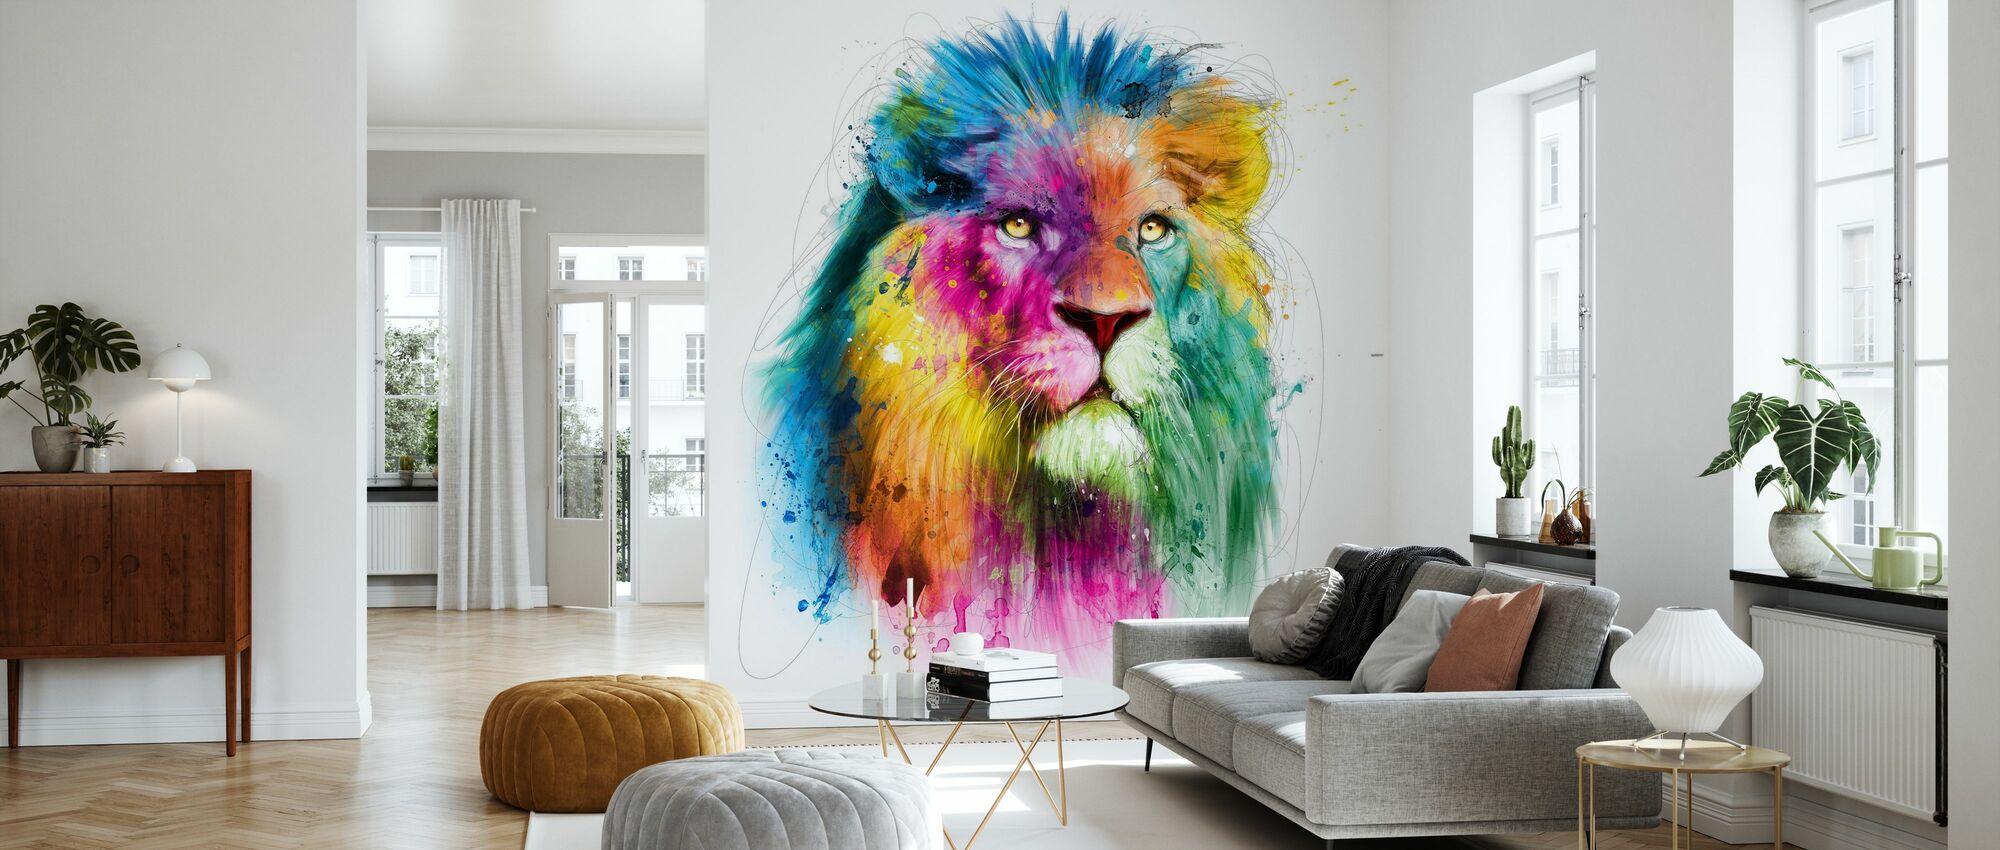 Løve - Tapet - Stue